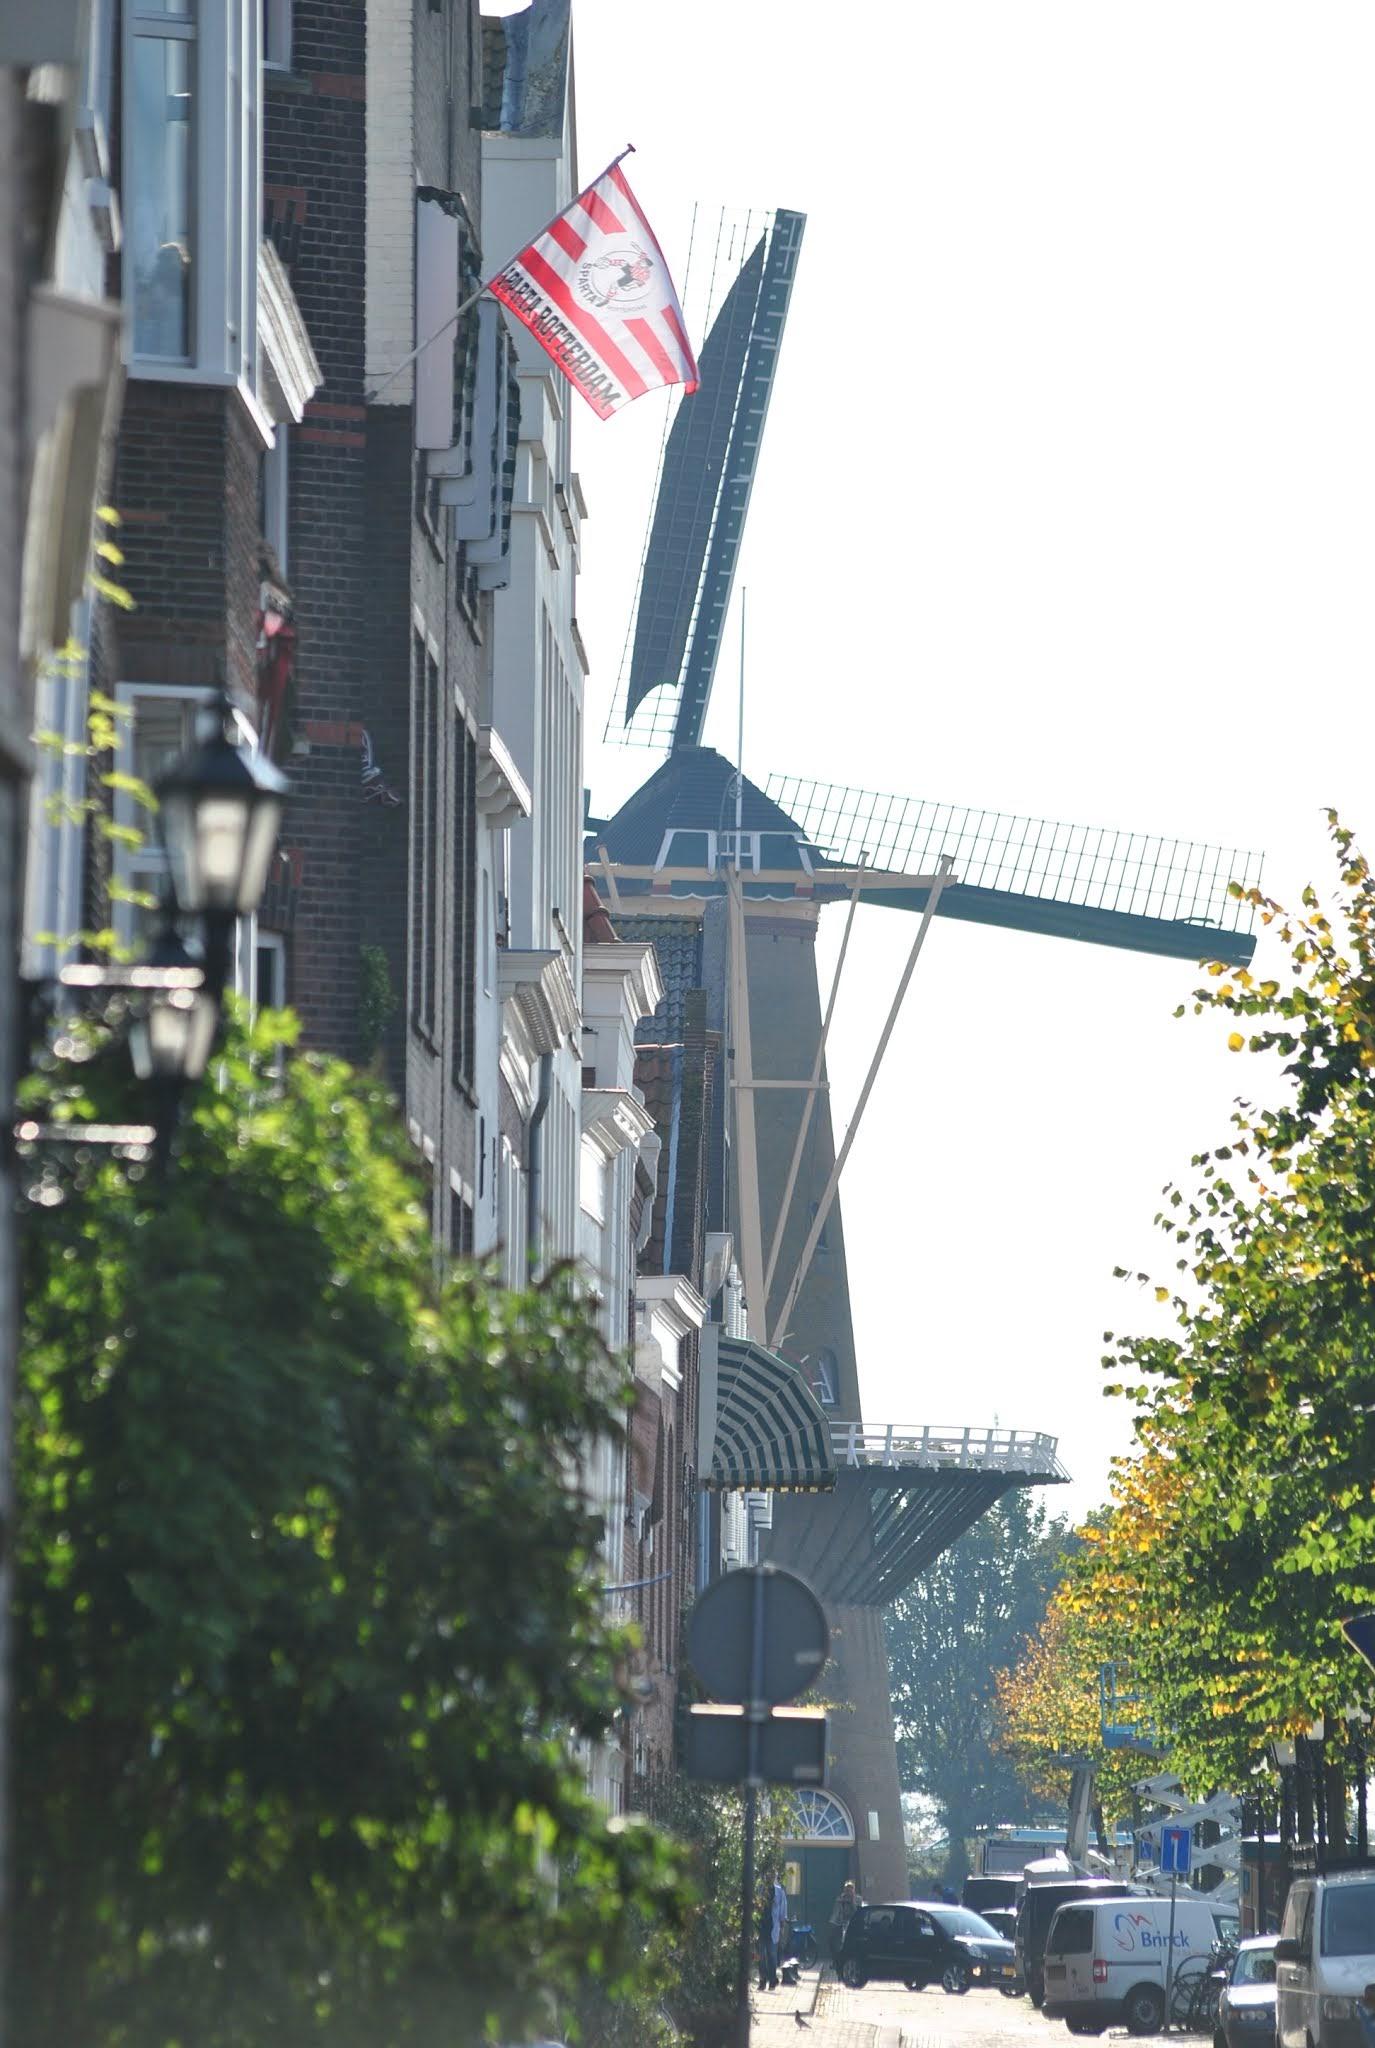 Wiatrak w Rotterdamie